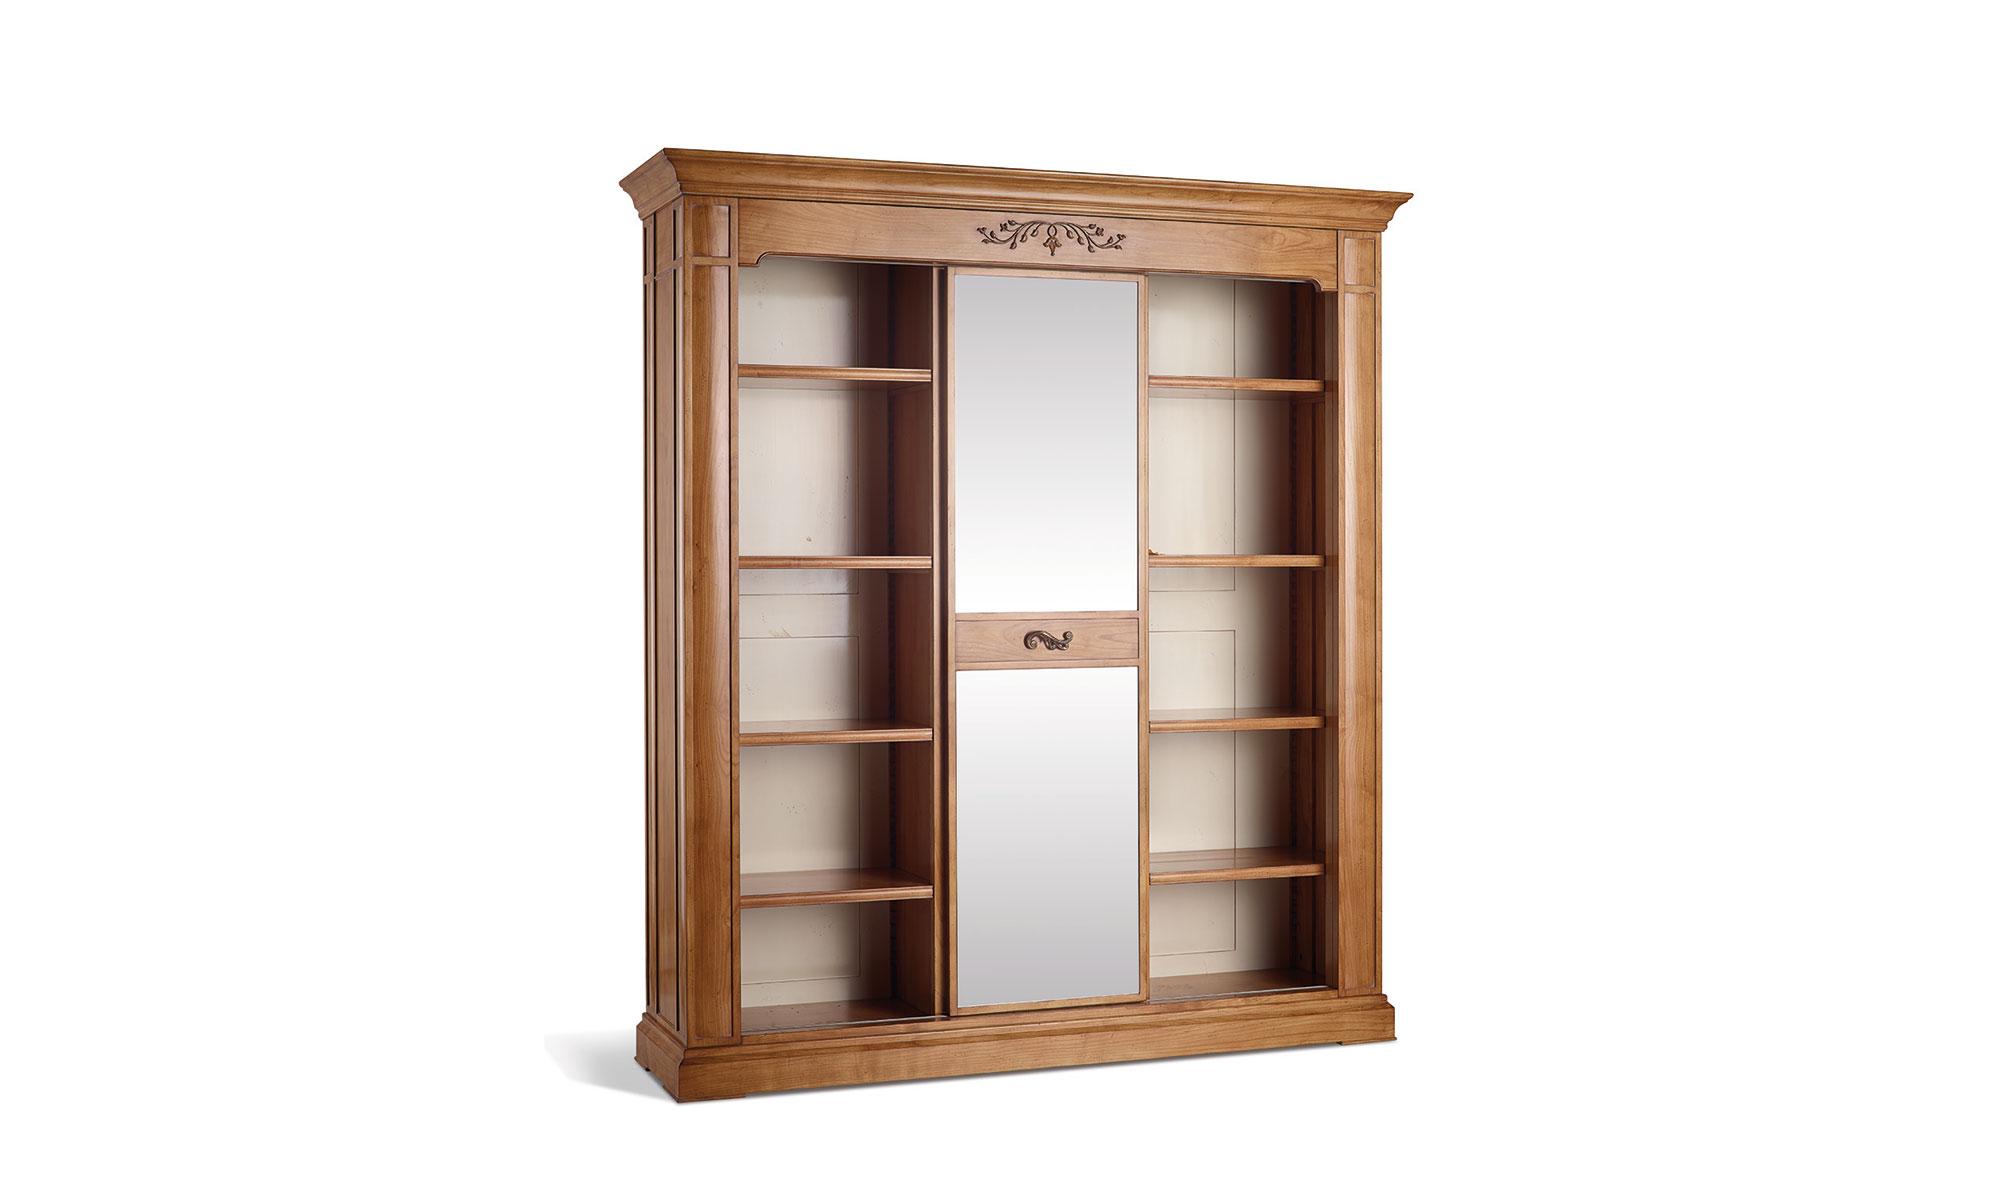 Librer a con espejo vintage flash de lujo en for Muebles de libreria